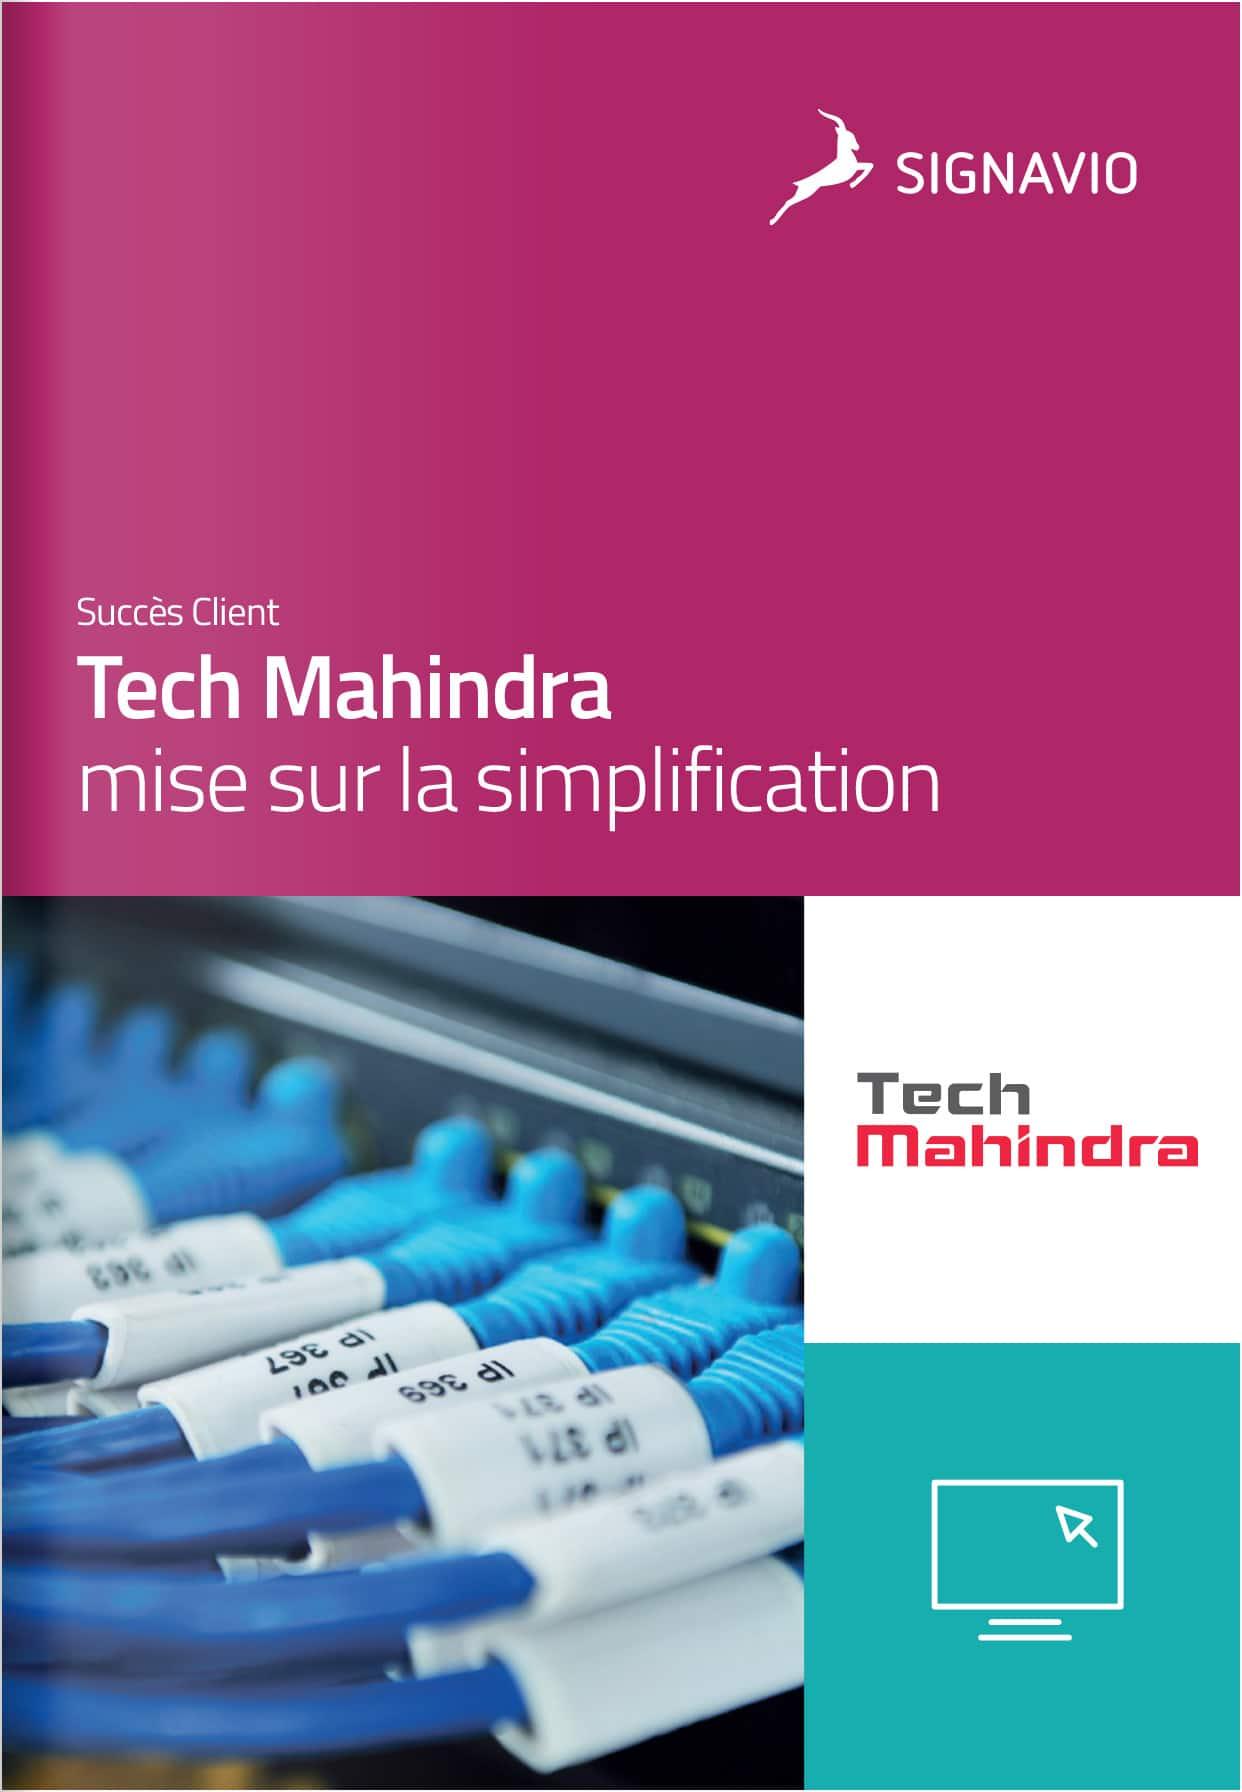 Tech Mahindra mise sur la simplification